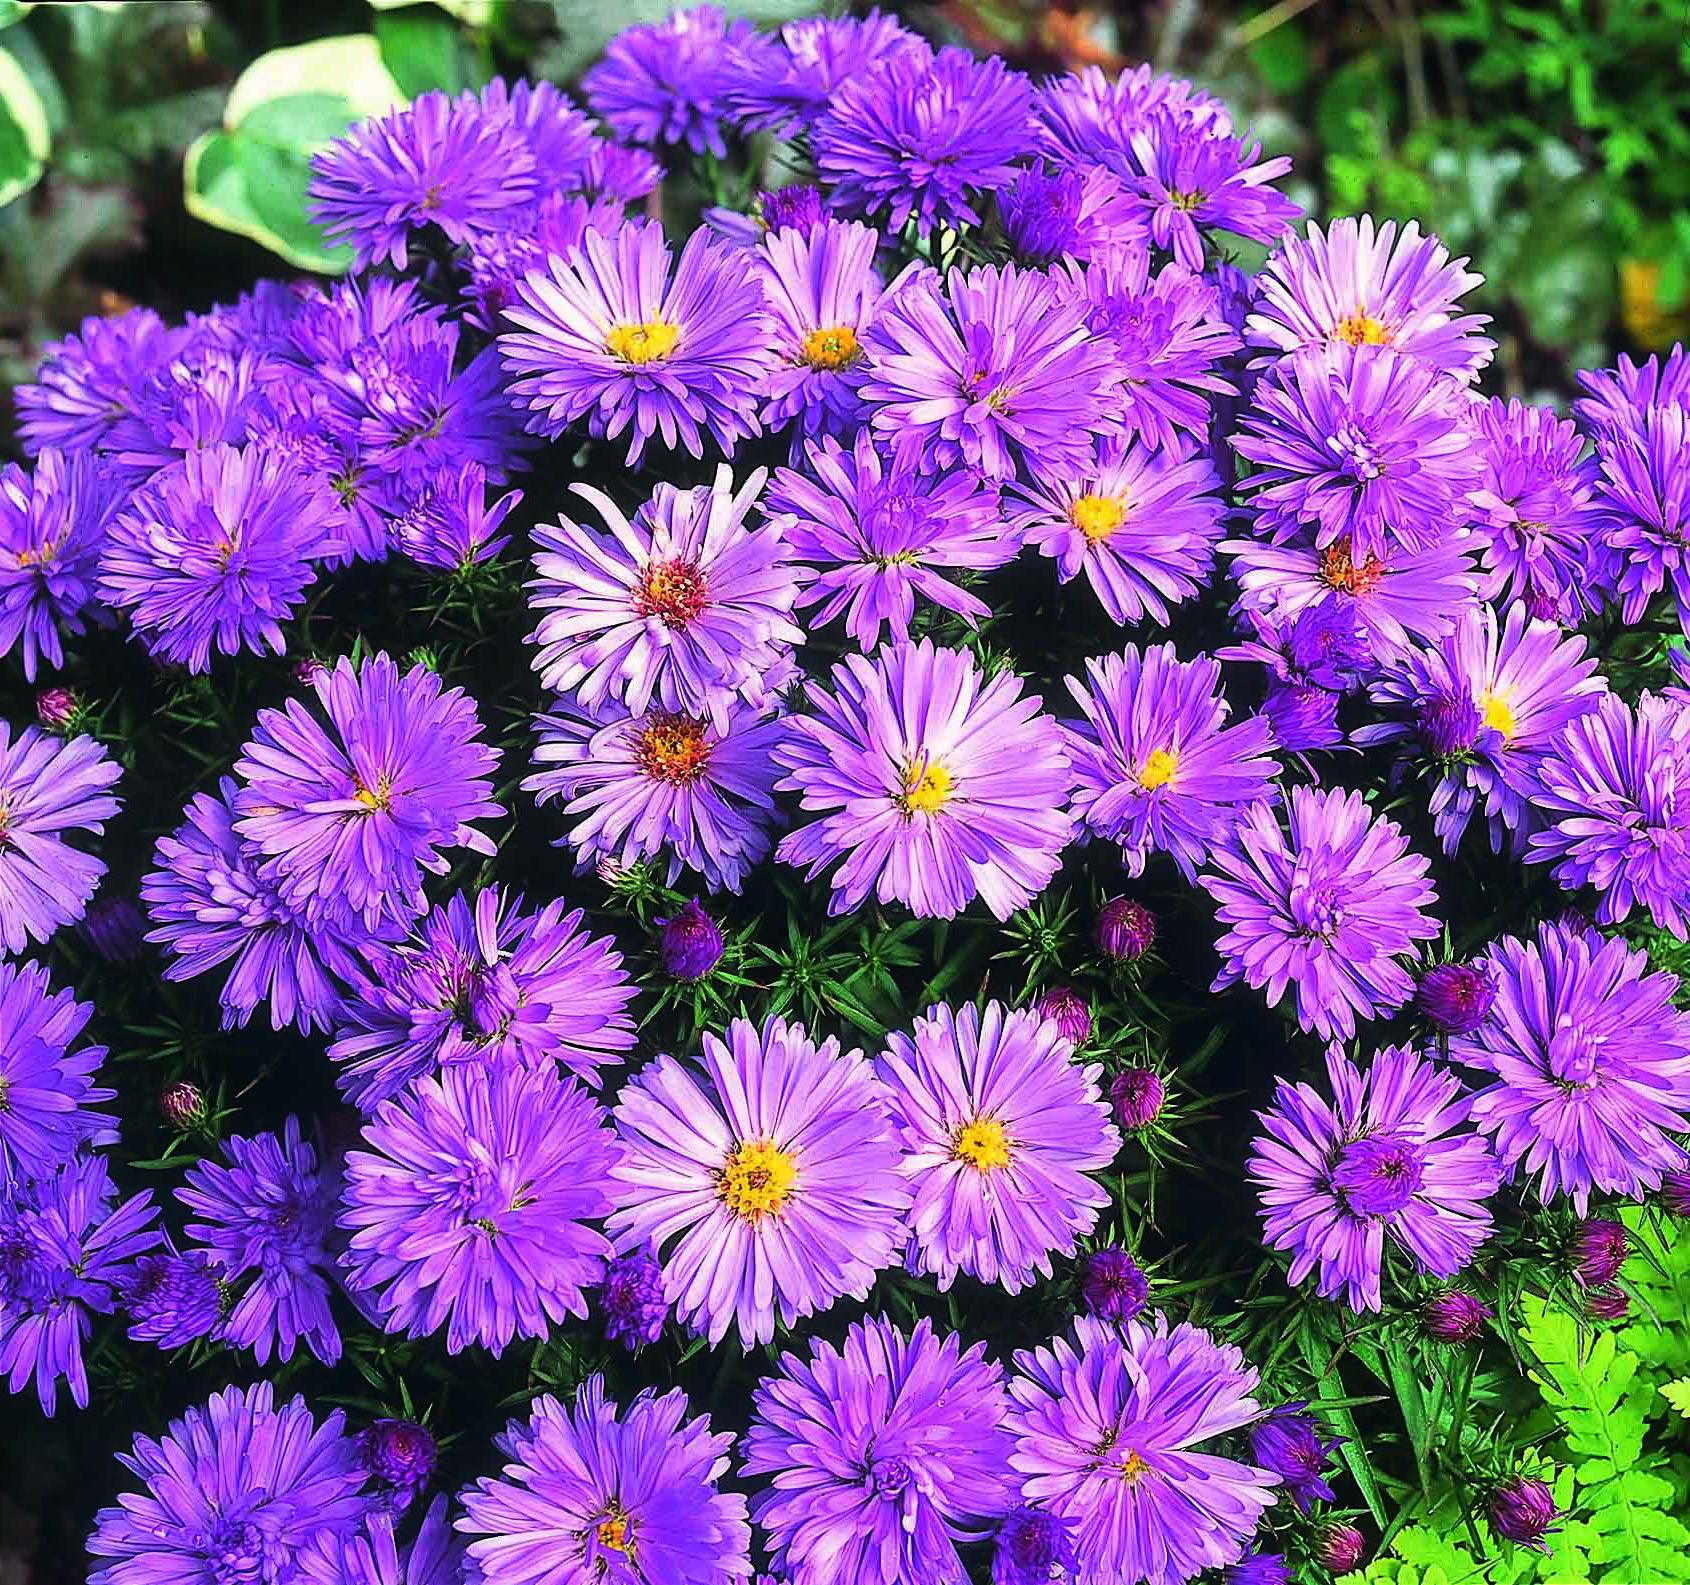 Фотографии с красивыми цветами могут